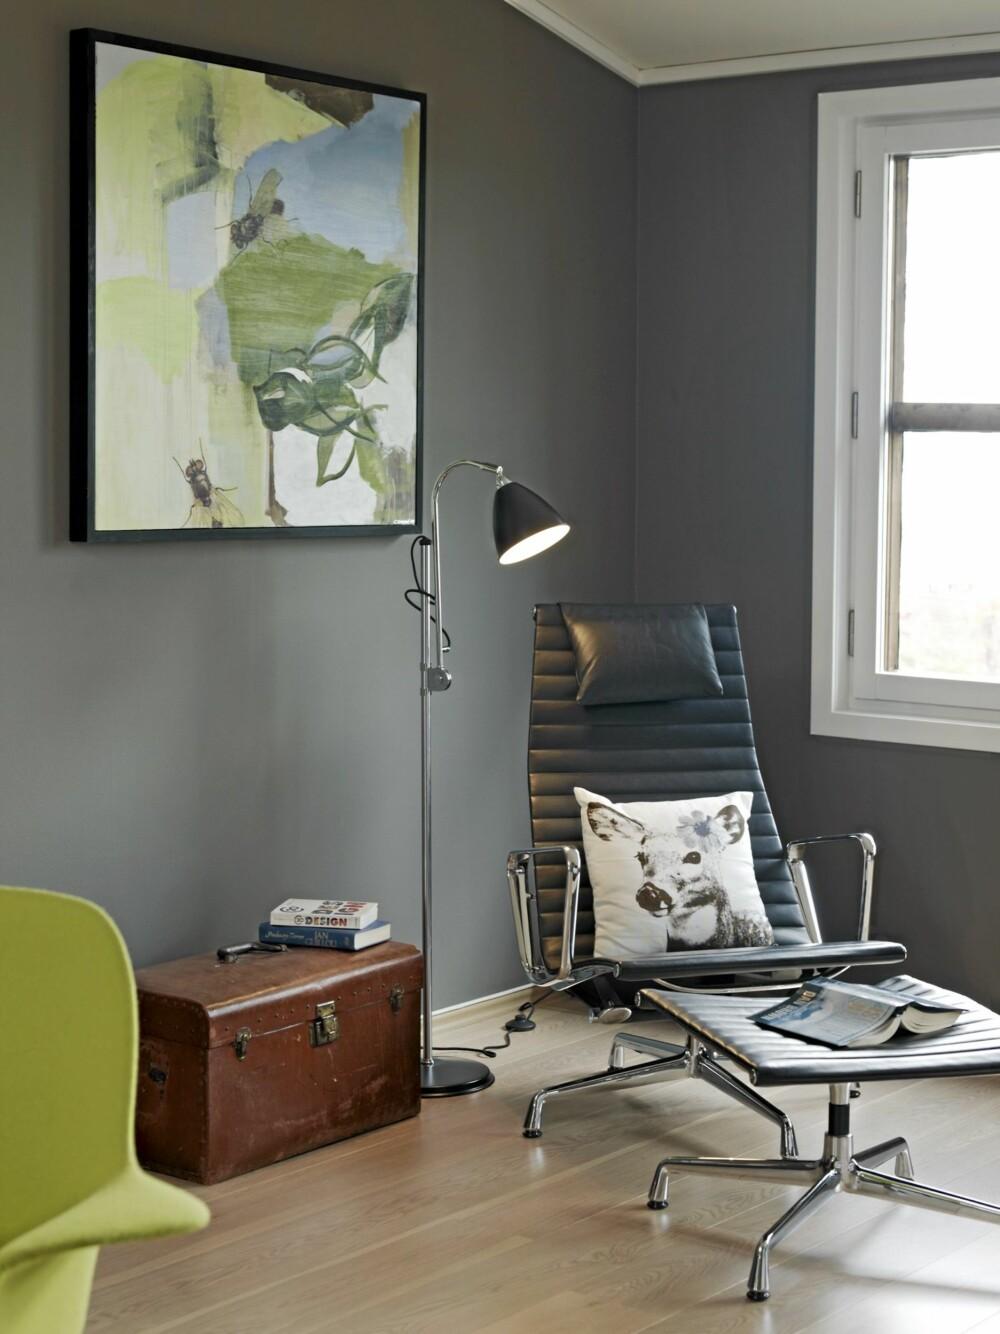 LESEKROK: I et hjørne i stuen, adskilt fra sofagruppen og spisebordet, er det etablert en komfortabel lesekrok. Stolen heter Aluminium Chair EA 124, kisten er et arvestykke, og maleriet er signert Camilla Fonneland-Sandberg.